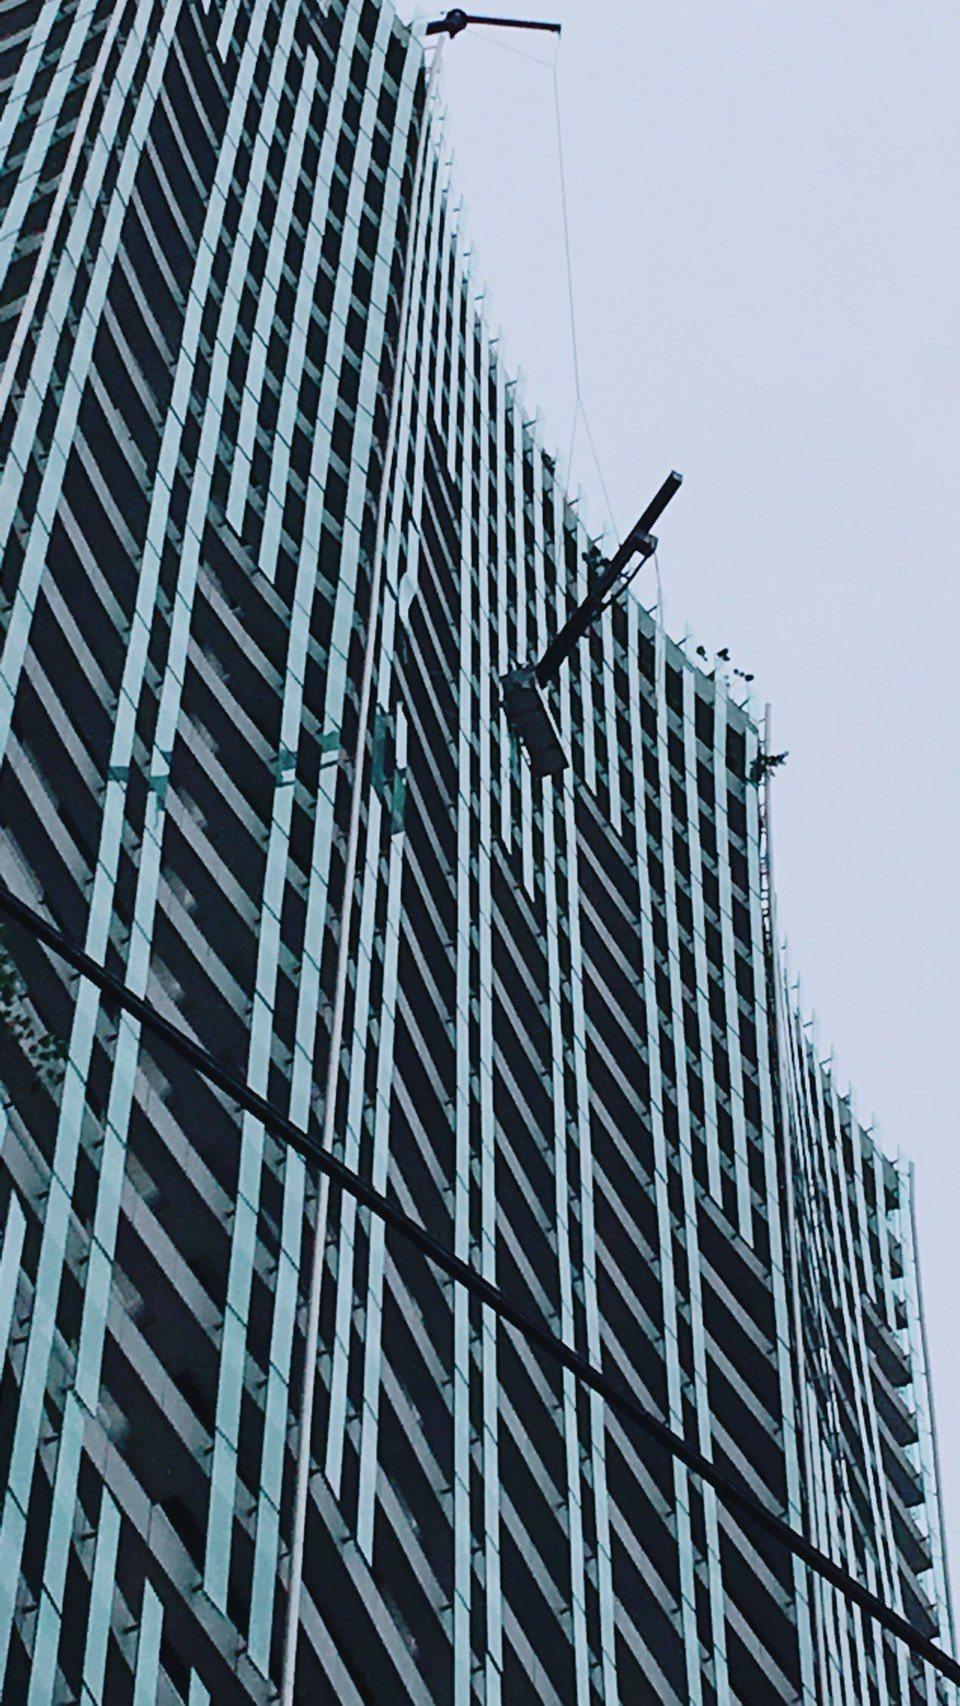 台中市42歲工人今天下午替大樓換裝玻璃時,因強風受困30樓半空中,最後幸運脫困。...